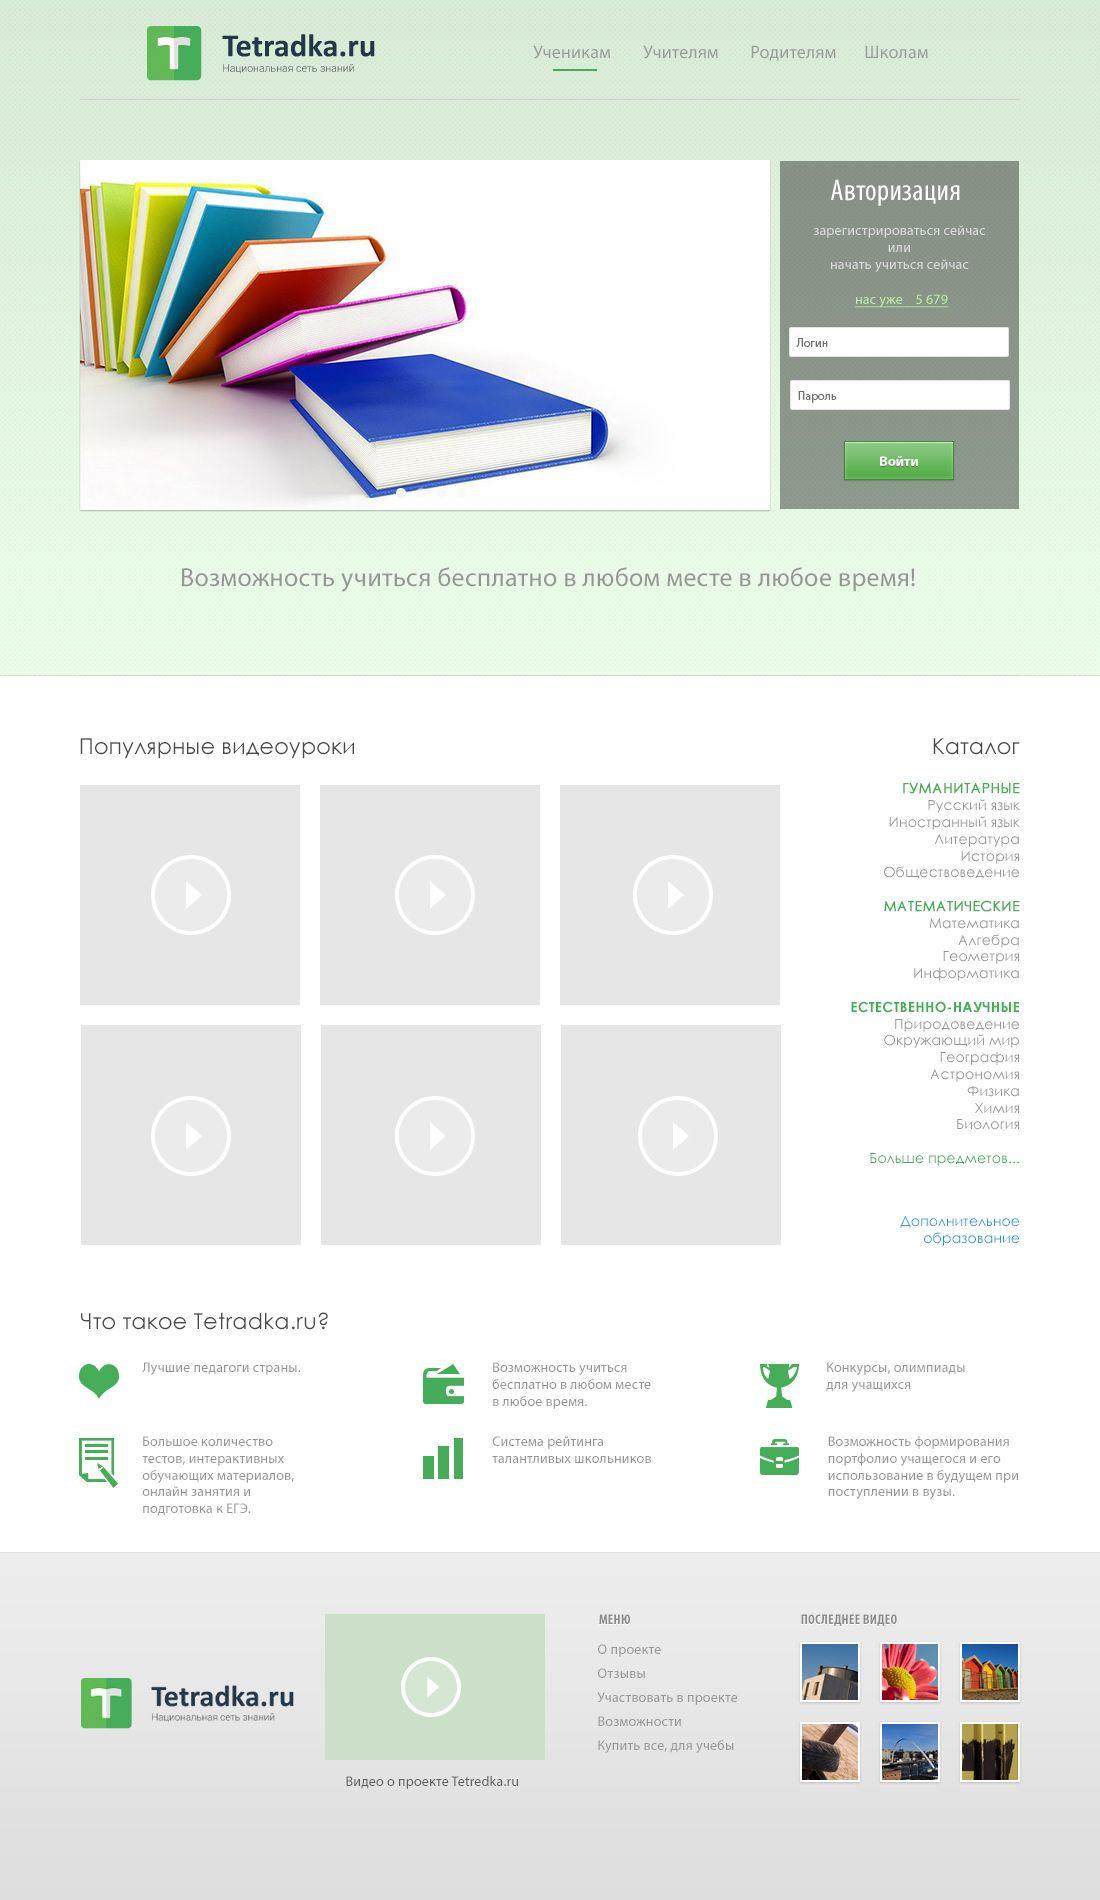 Главная страница образовательной сети tetradka.ru - дизайнер Zhe_ka